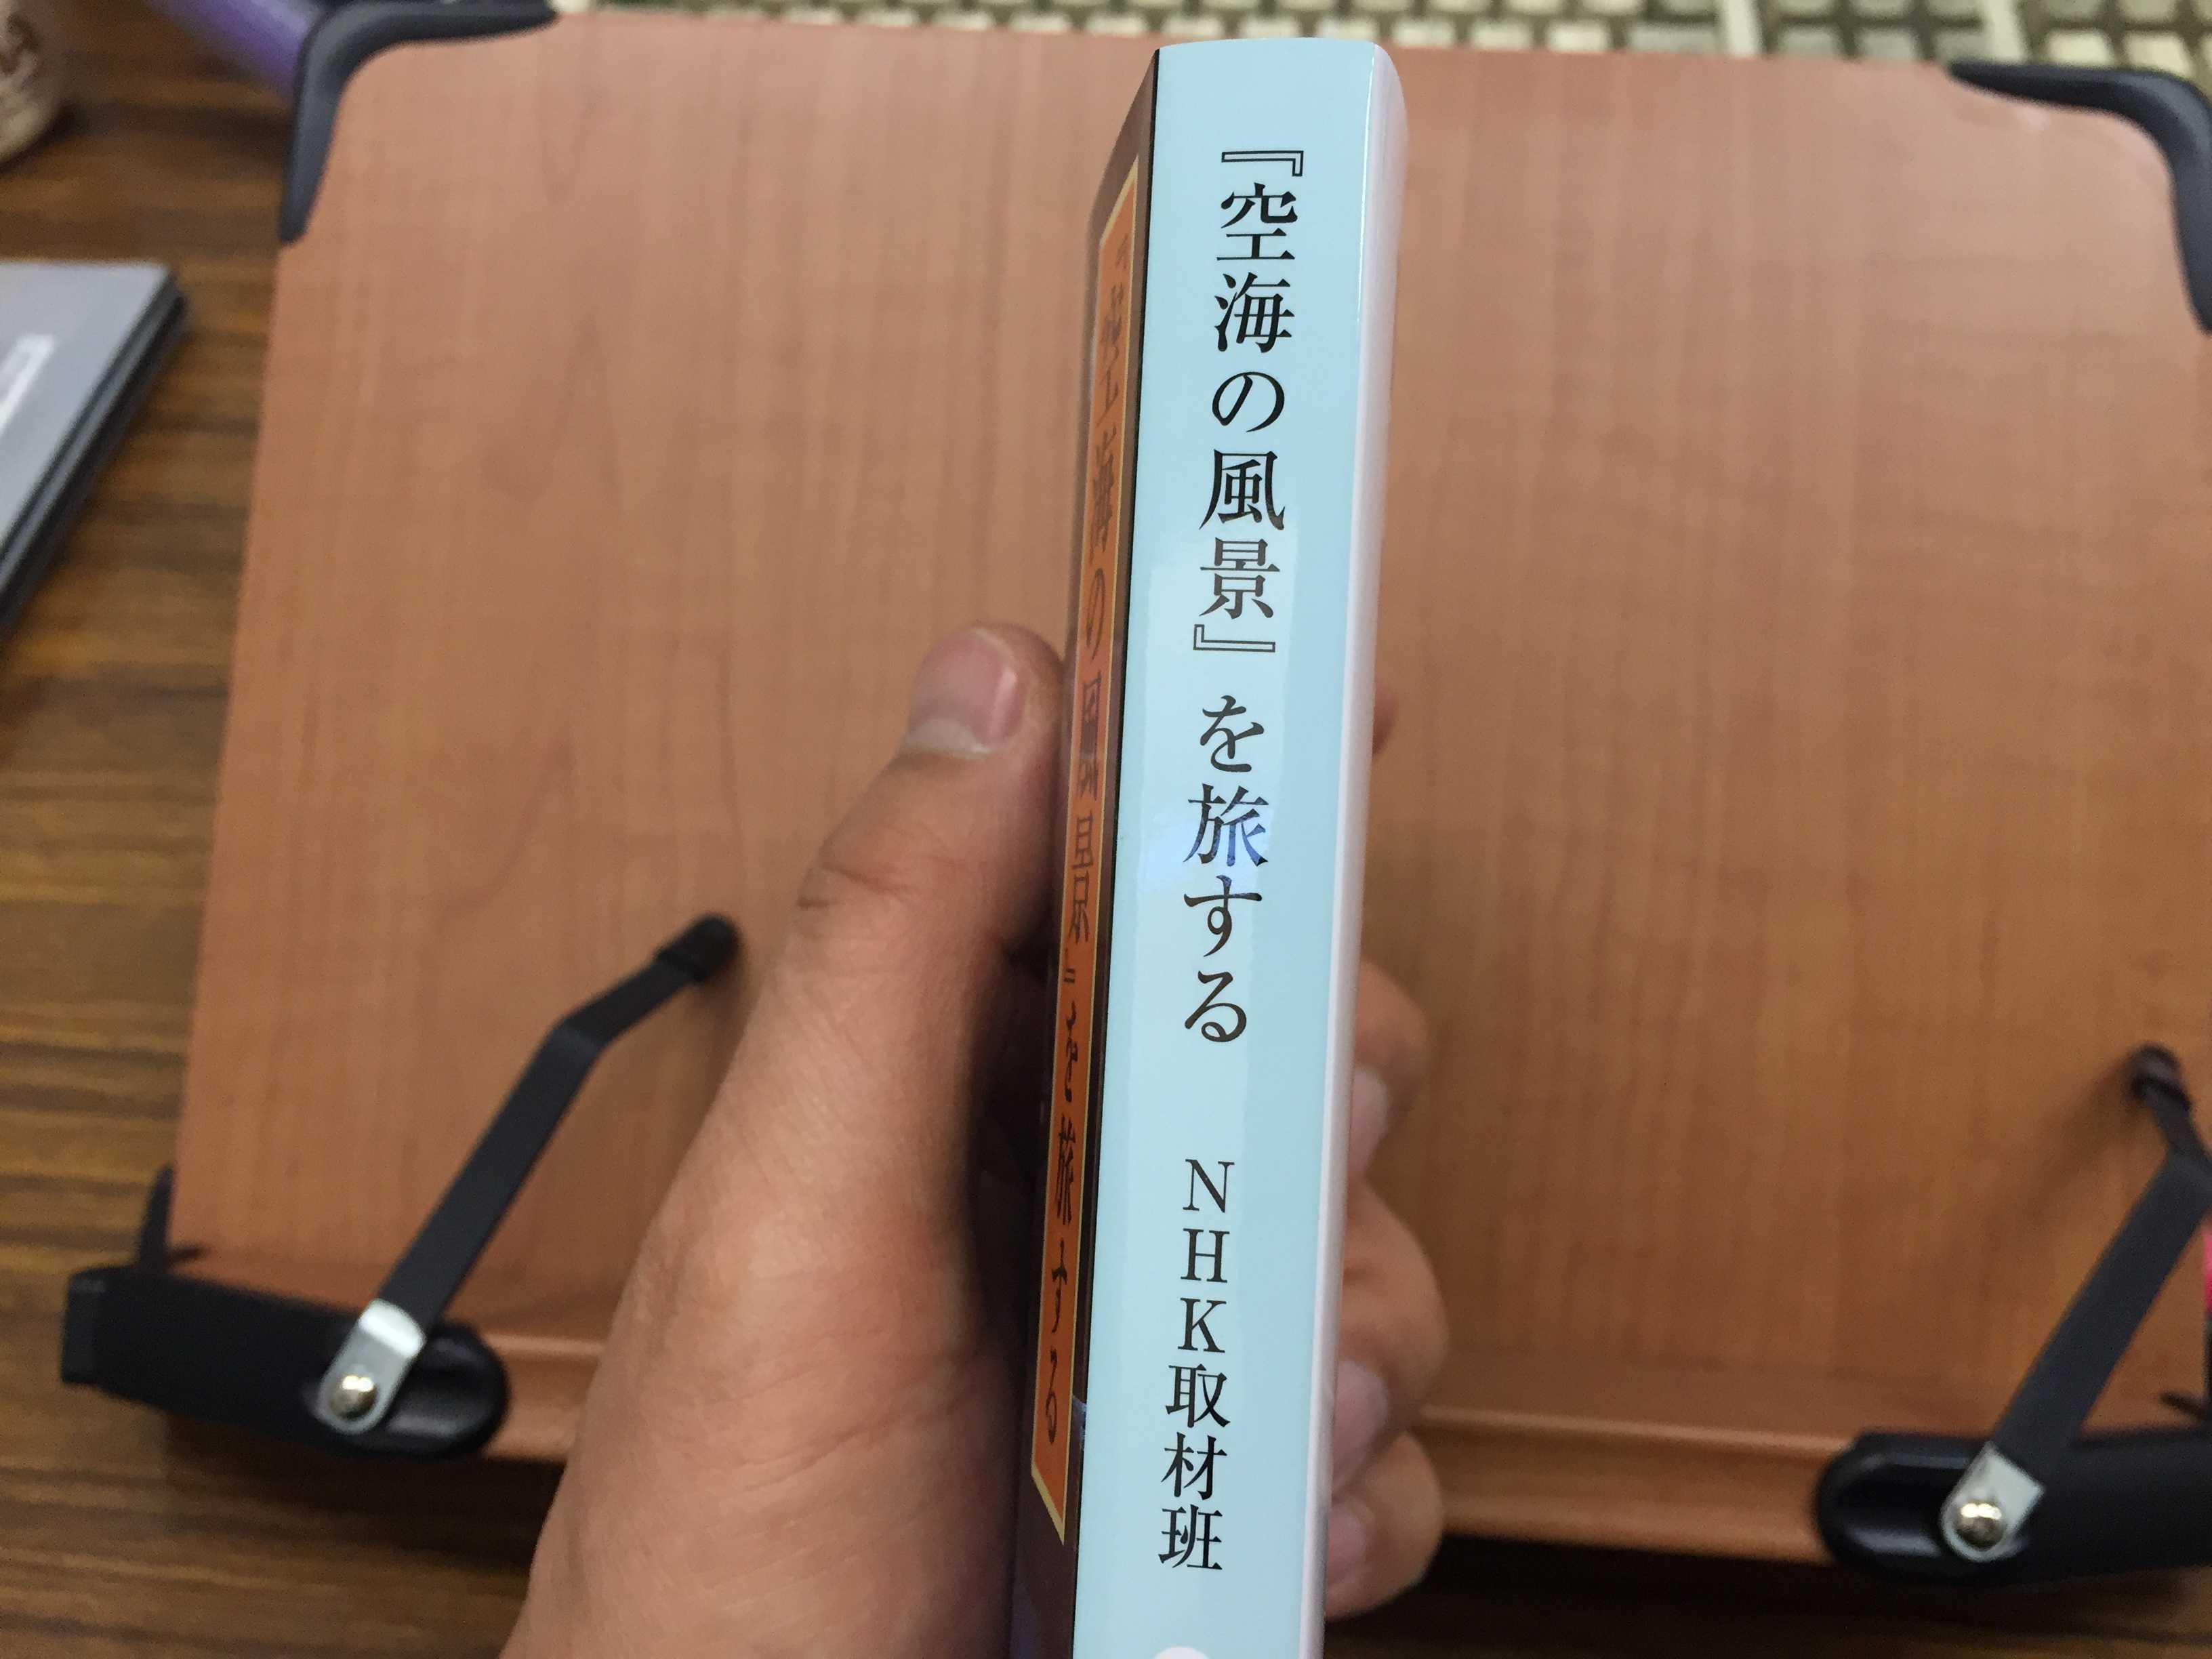 『空海の風景』を旅する  NHK取材班